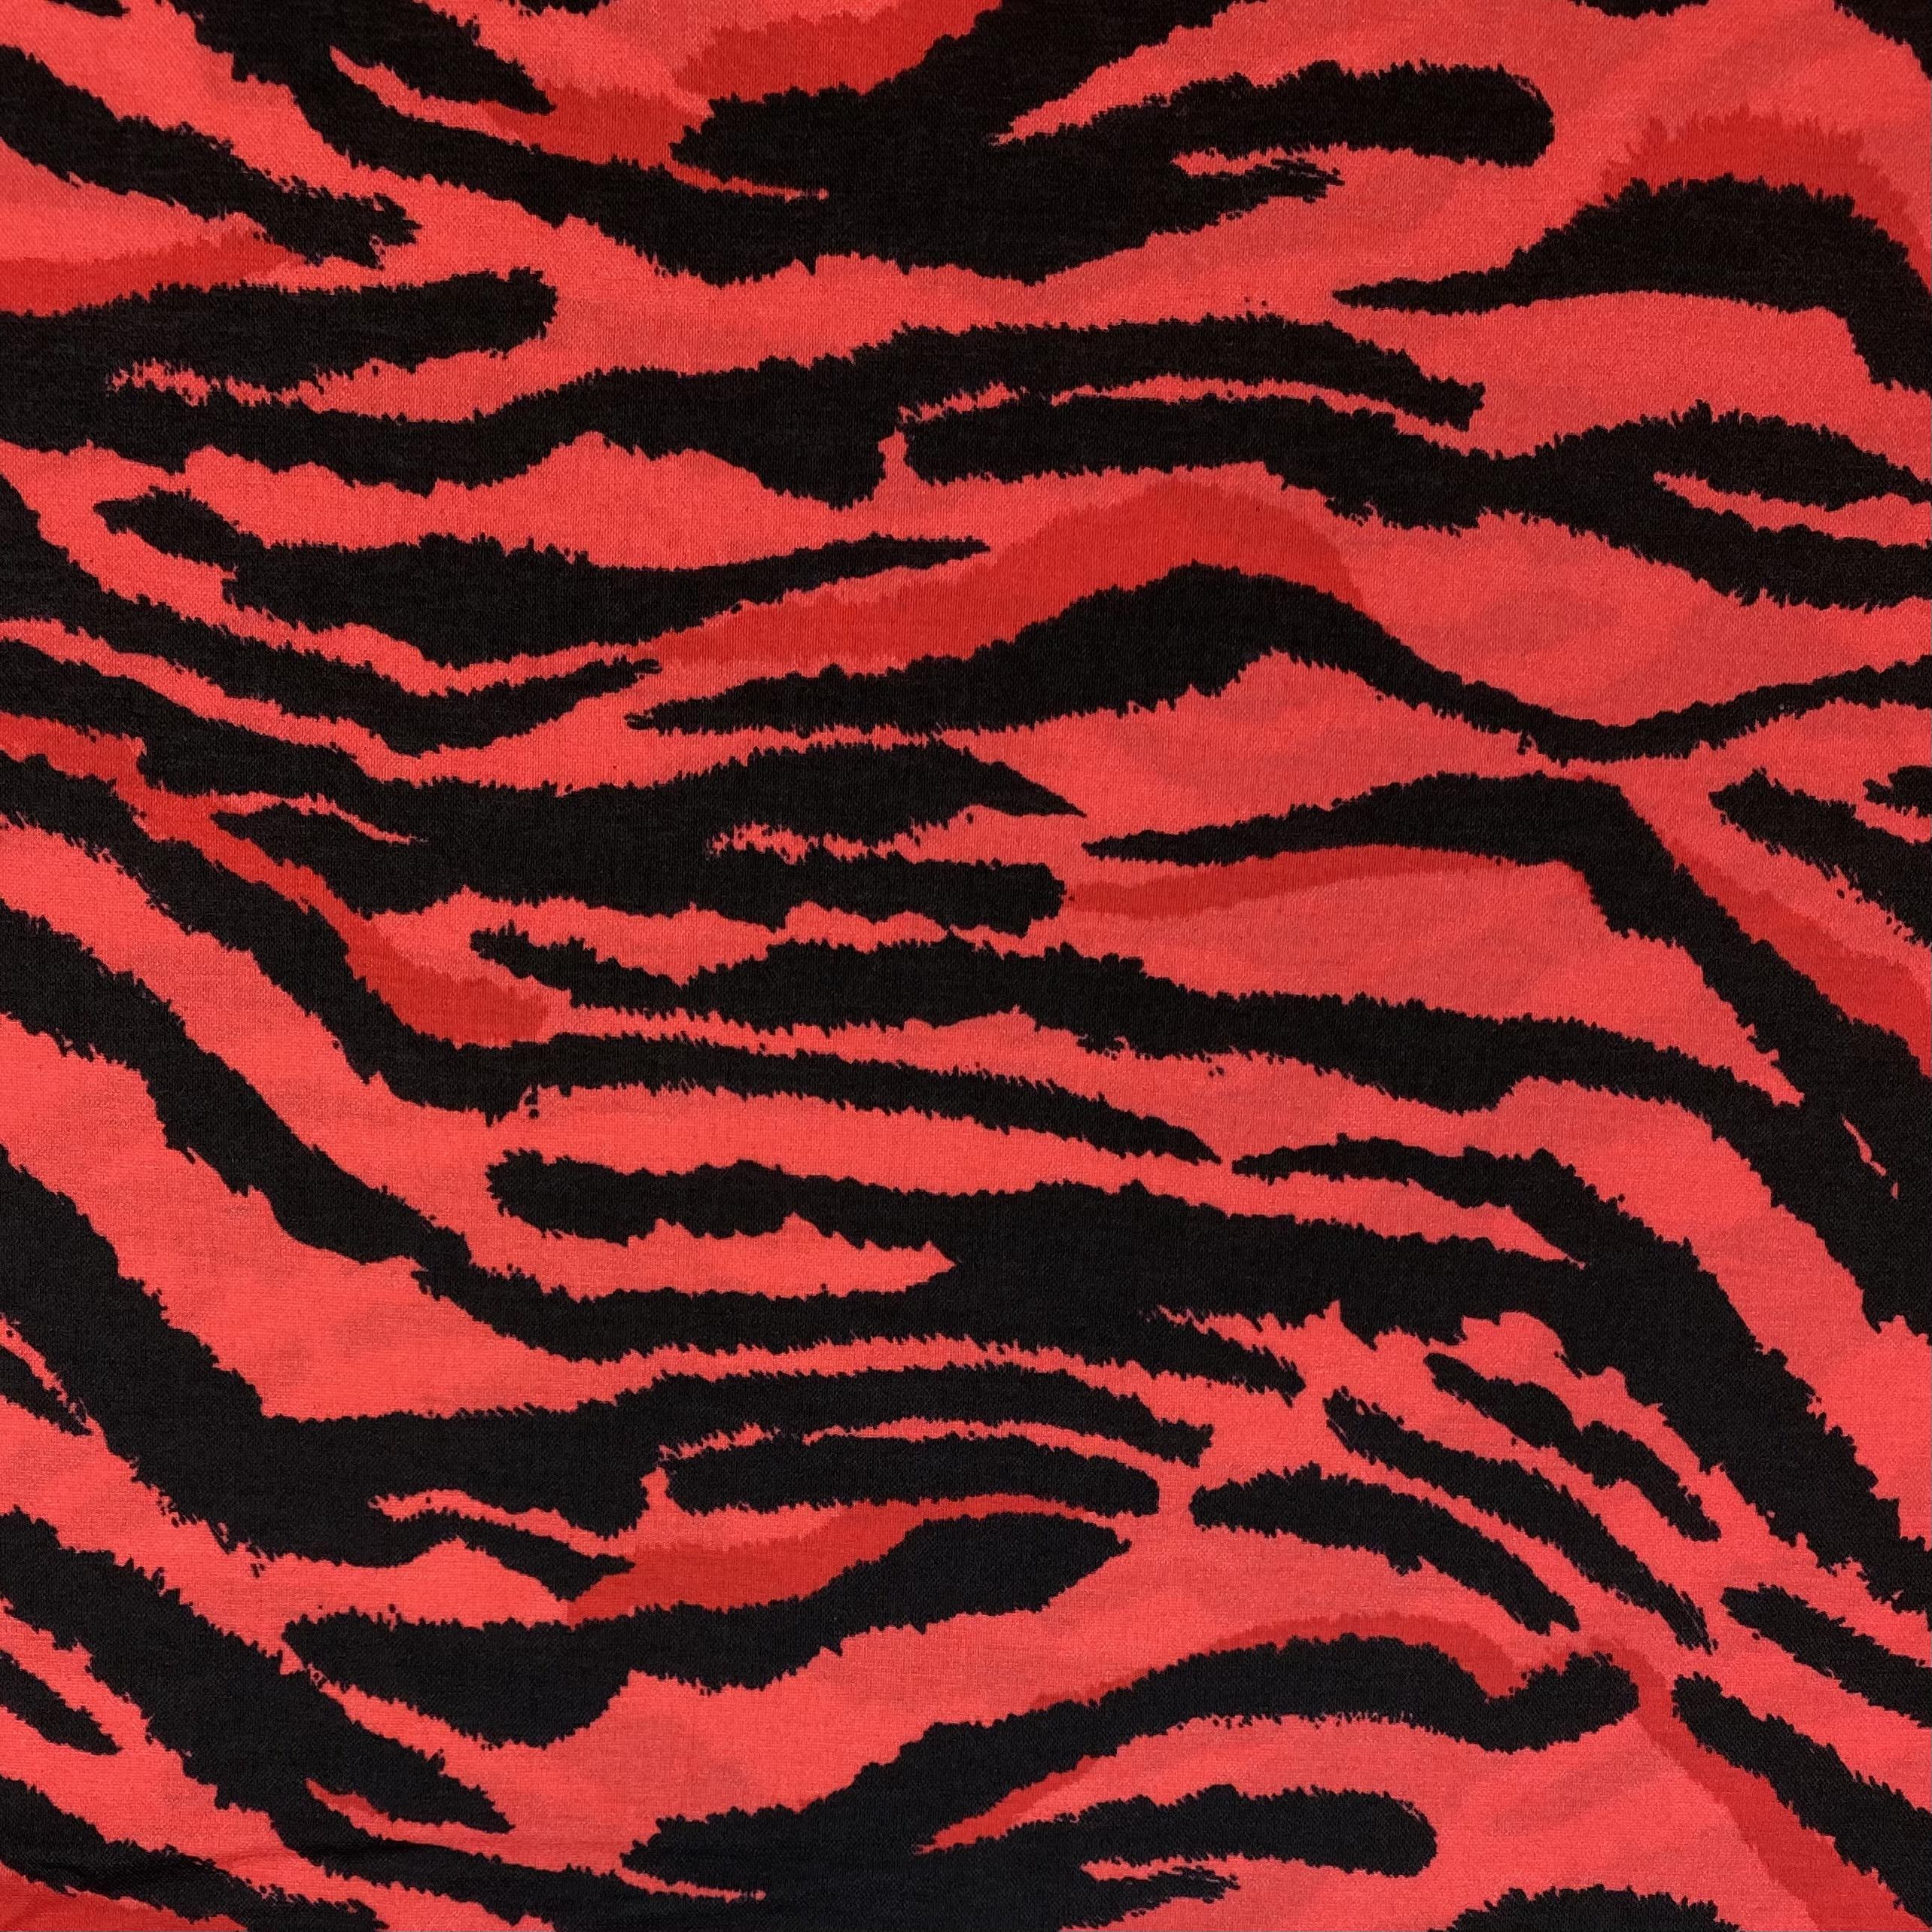 Viskosenstoff mit Elasthan, Lino rot/schwarz. Art. PC1725